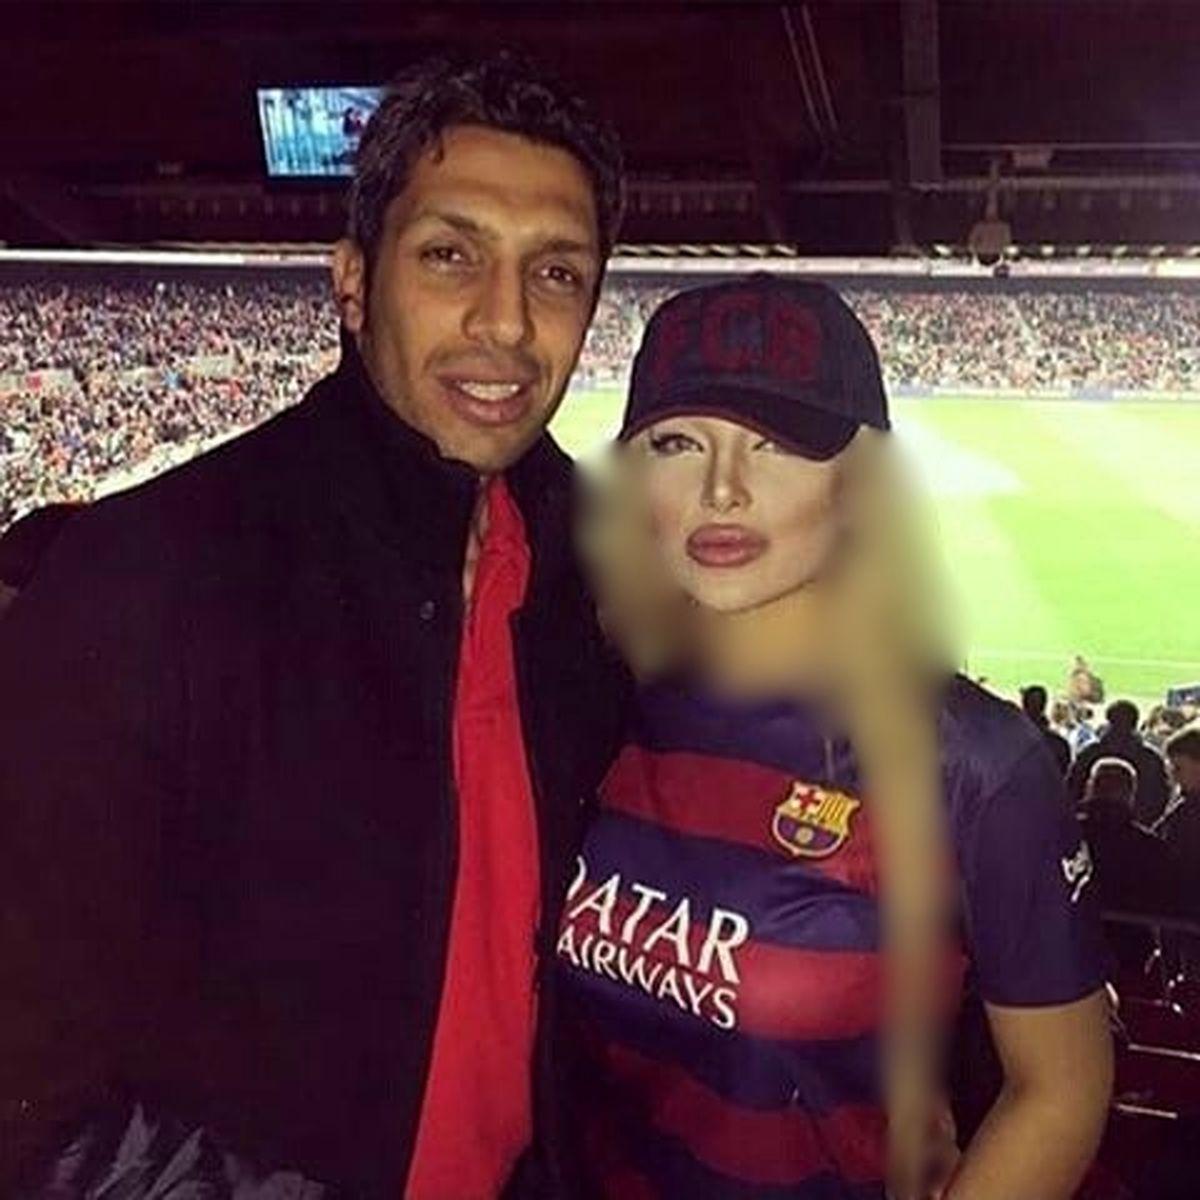 عکس جنجالی سپهر حیدری در کنار همسرش در نیوکمپ بارسلون + بیوگرافی و تصاویر جدید